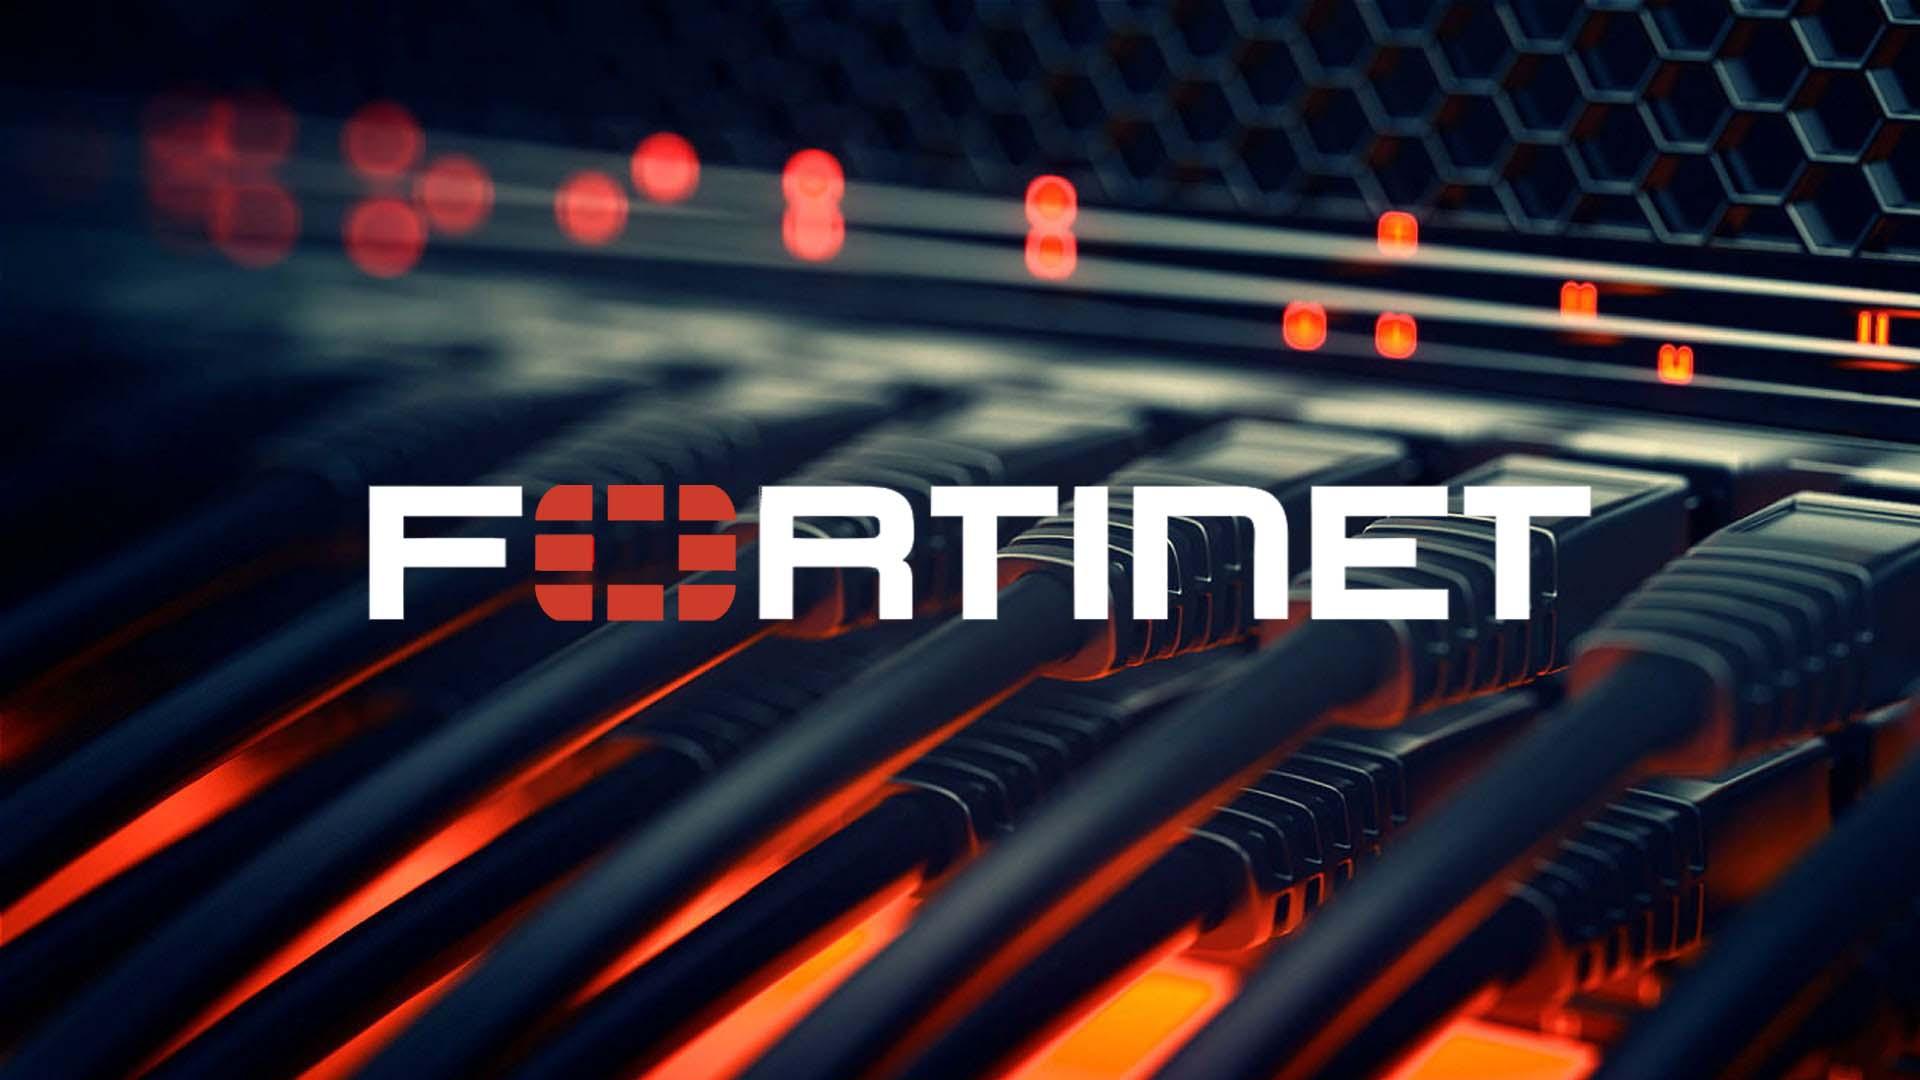 گزارش شرکت فورتی نت از افزایش حملات باج افزار ها